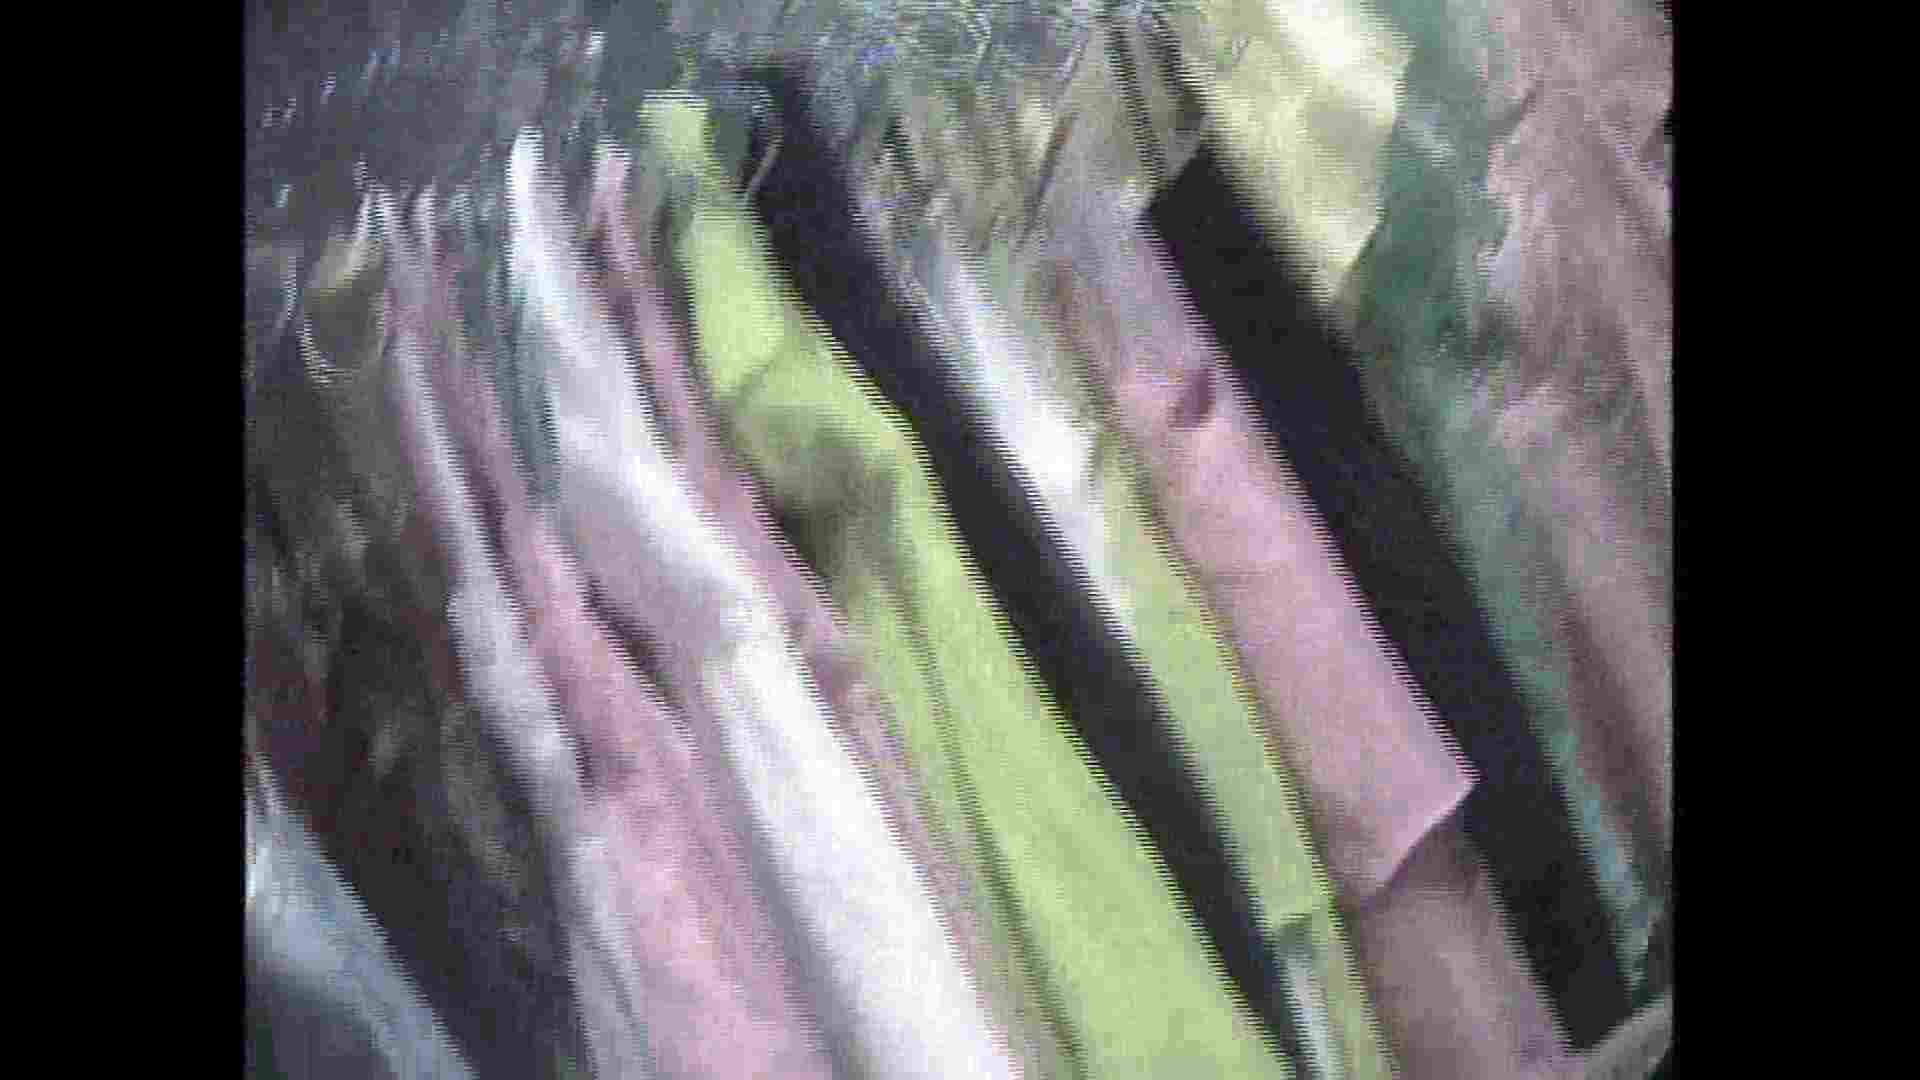 働く美女の谷間参拝 Vol.31 コスチューム AV動画キャプチャ 81画像 11